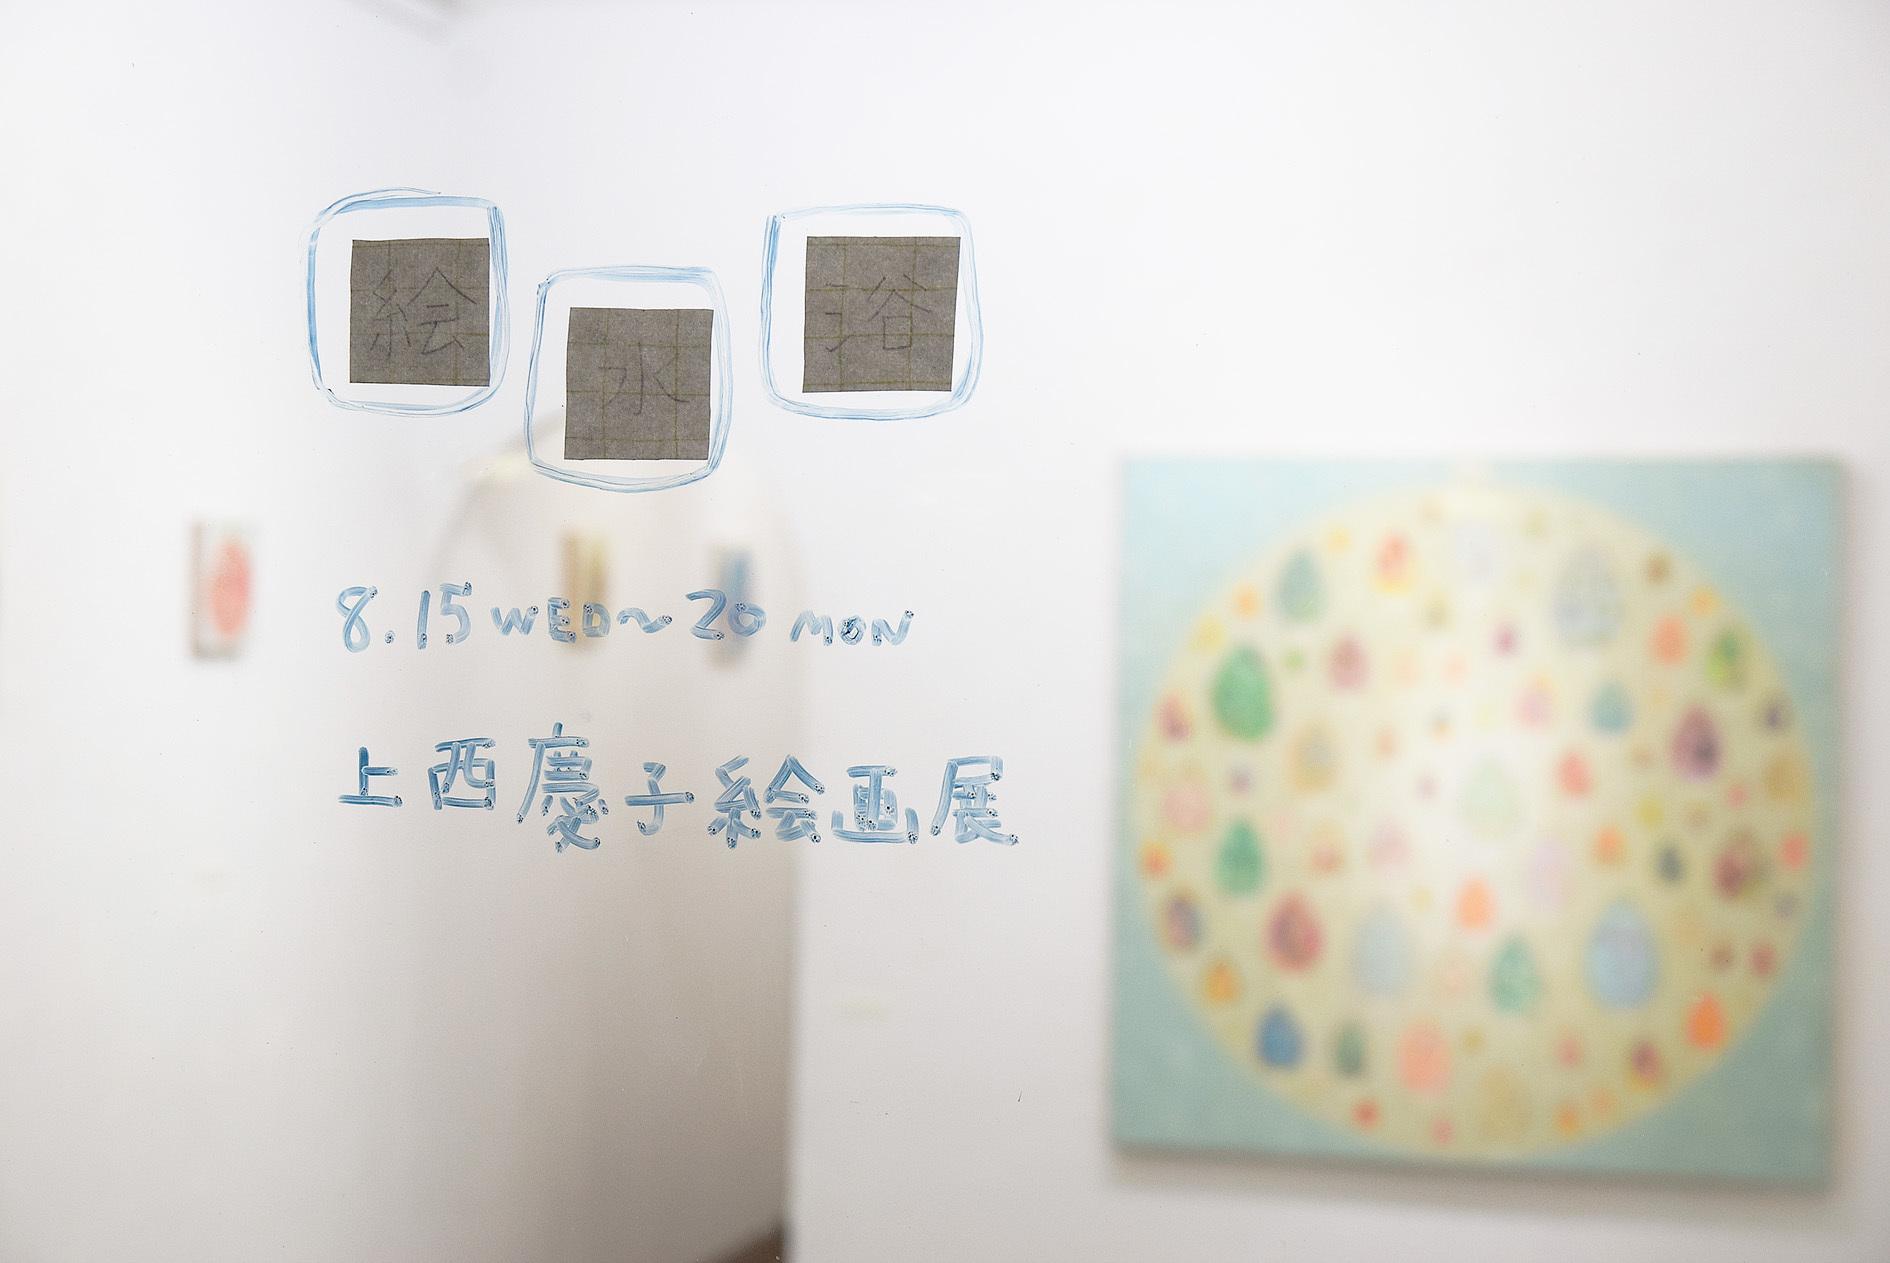 上西 慶子 絵画展 絵水浴 @ 最終日_e0272050_14144660.jpg